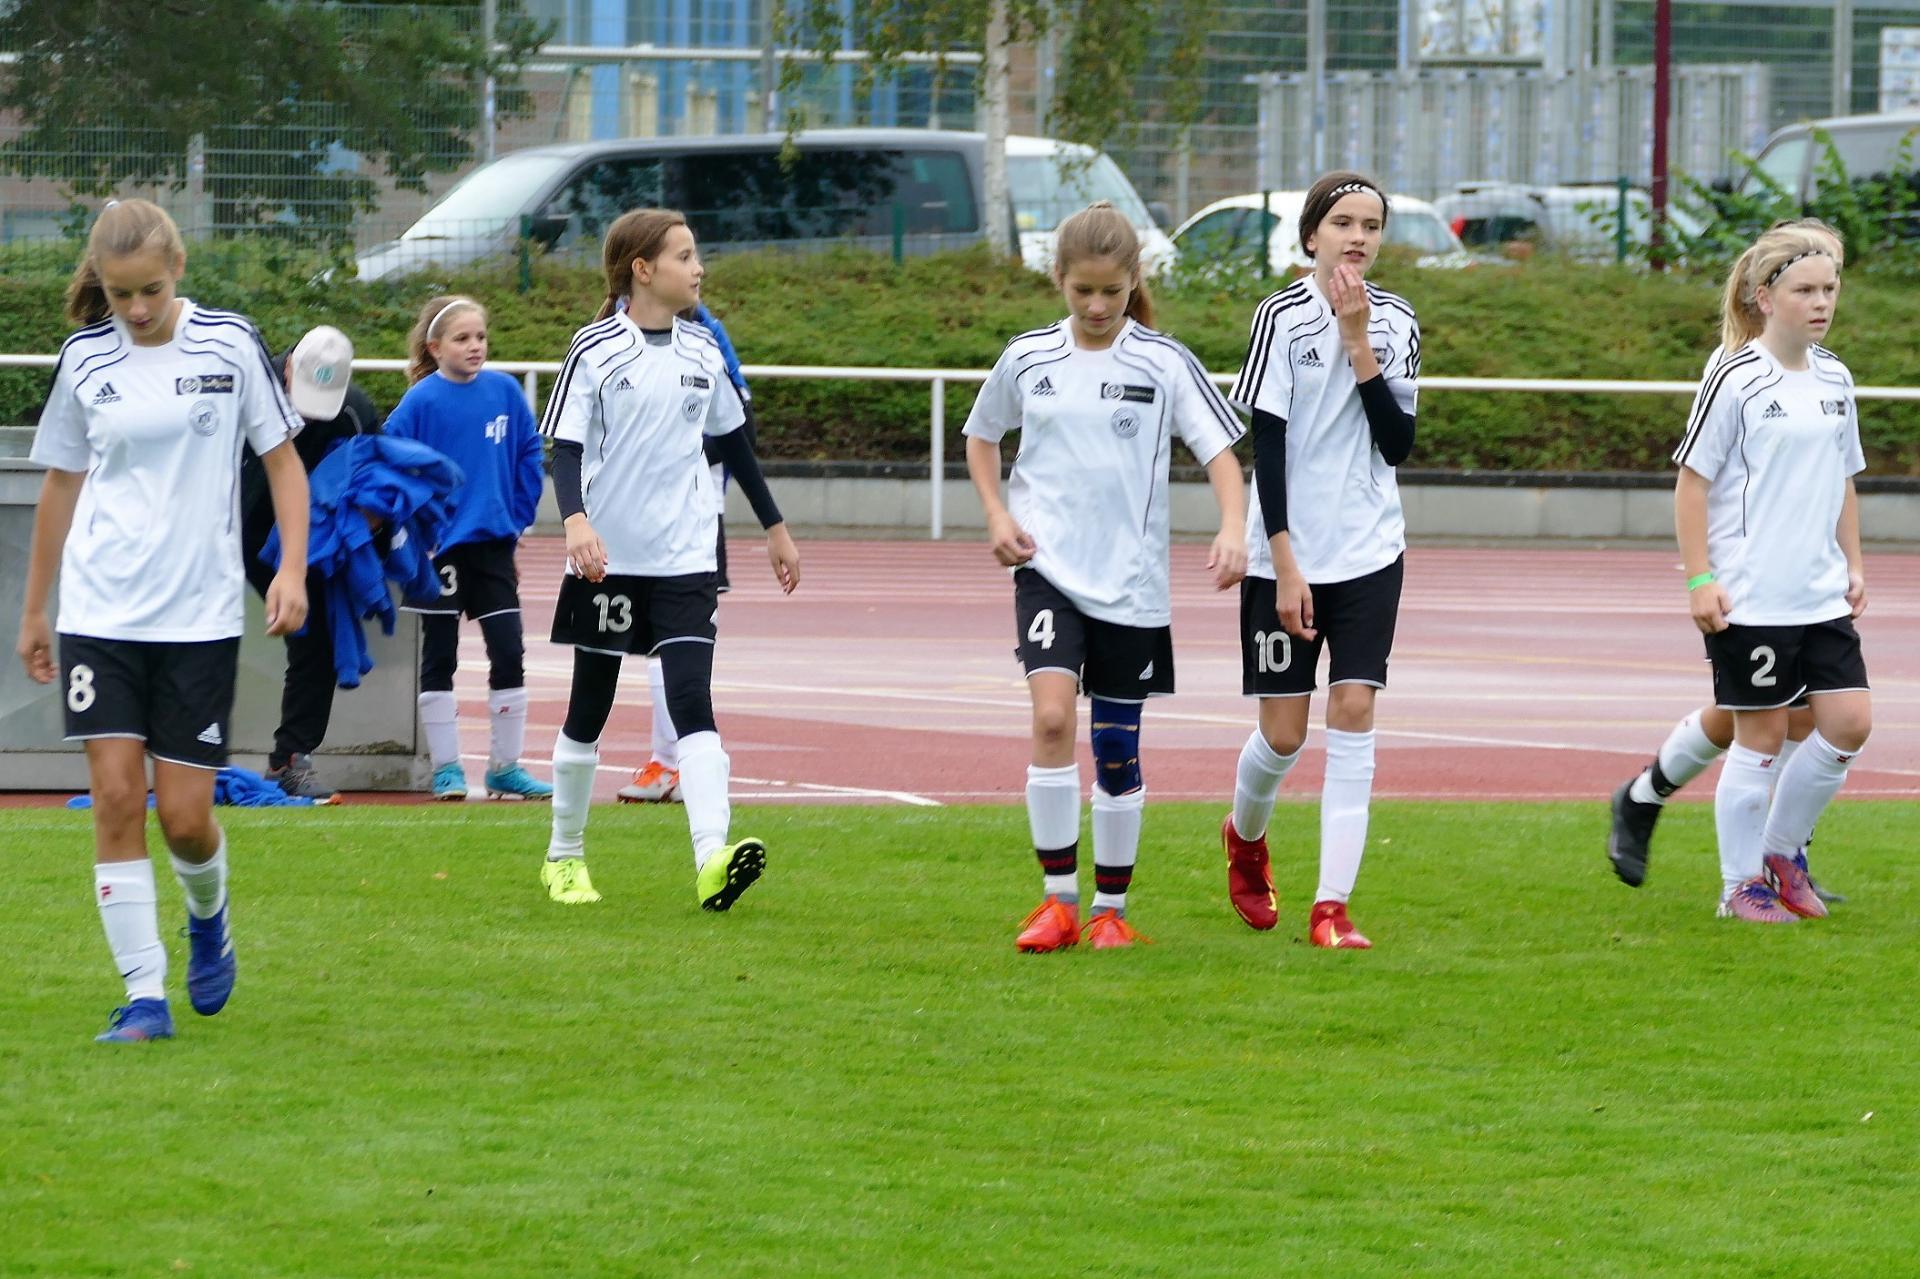 KAW D-Mädchen: v. l. Anni, Klara, Elena, Marie, Helena, Emma